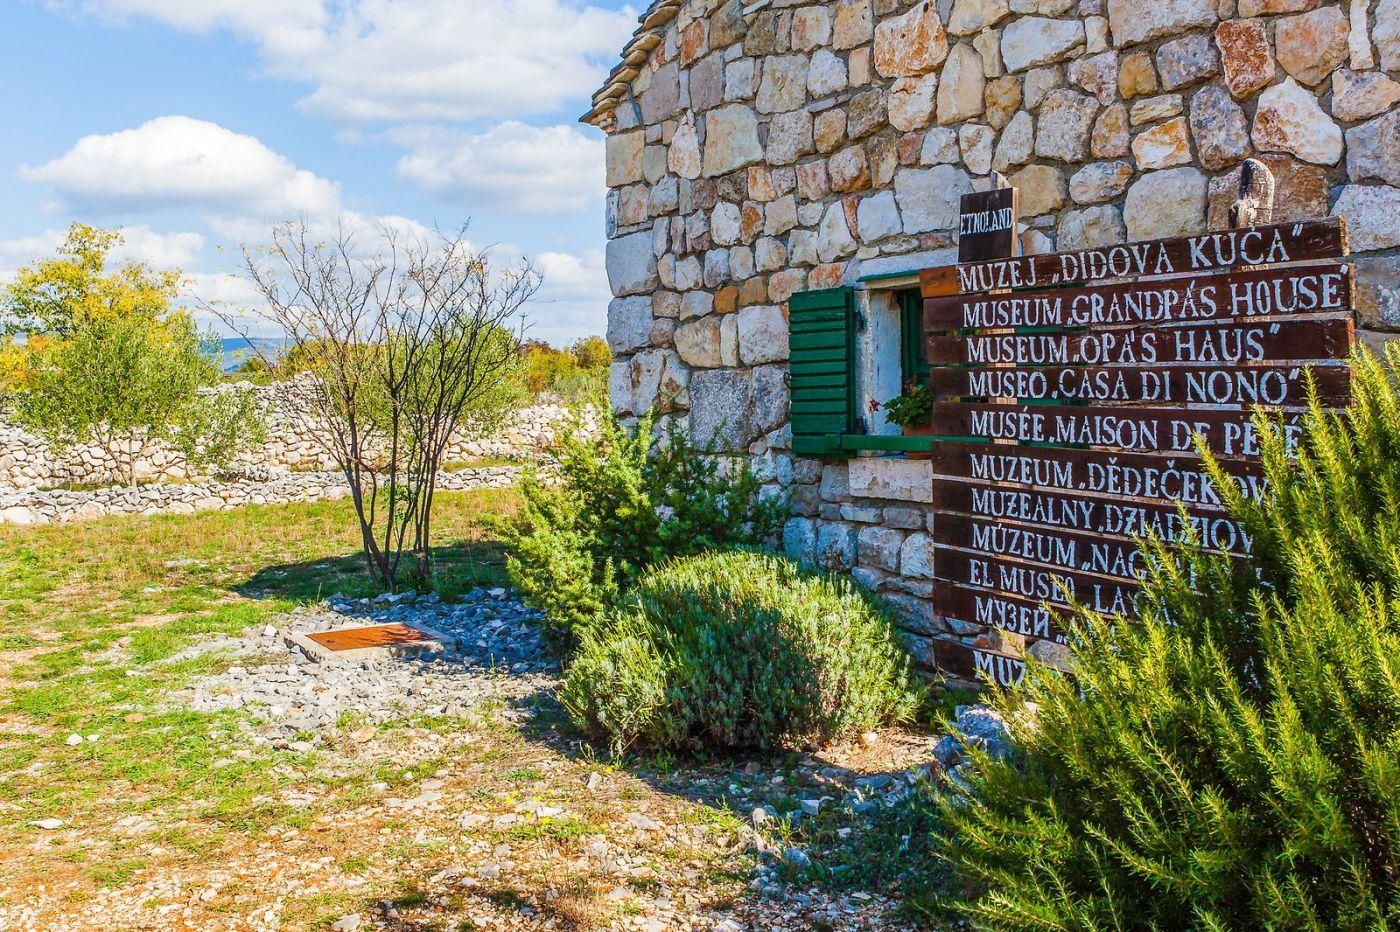 克罗地亚达尔马提亚村,独特的地域风貌_图1-36